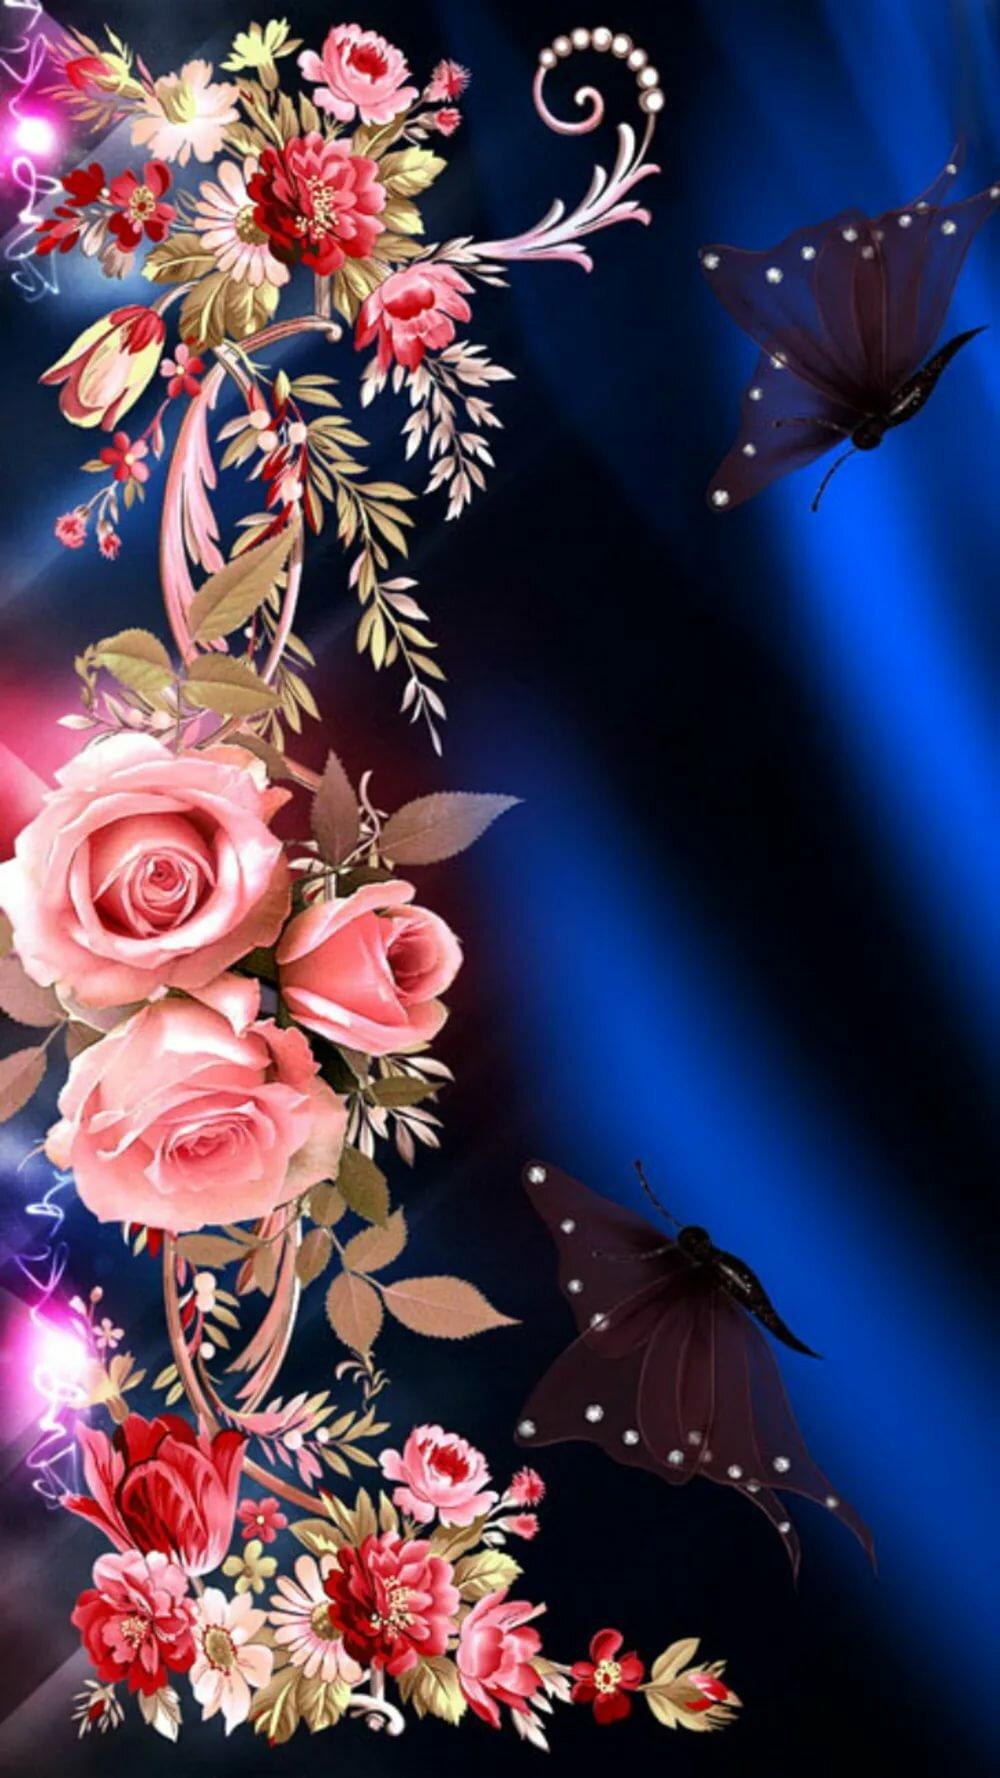 Красивые картинки и анимации на мобильный